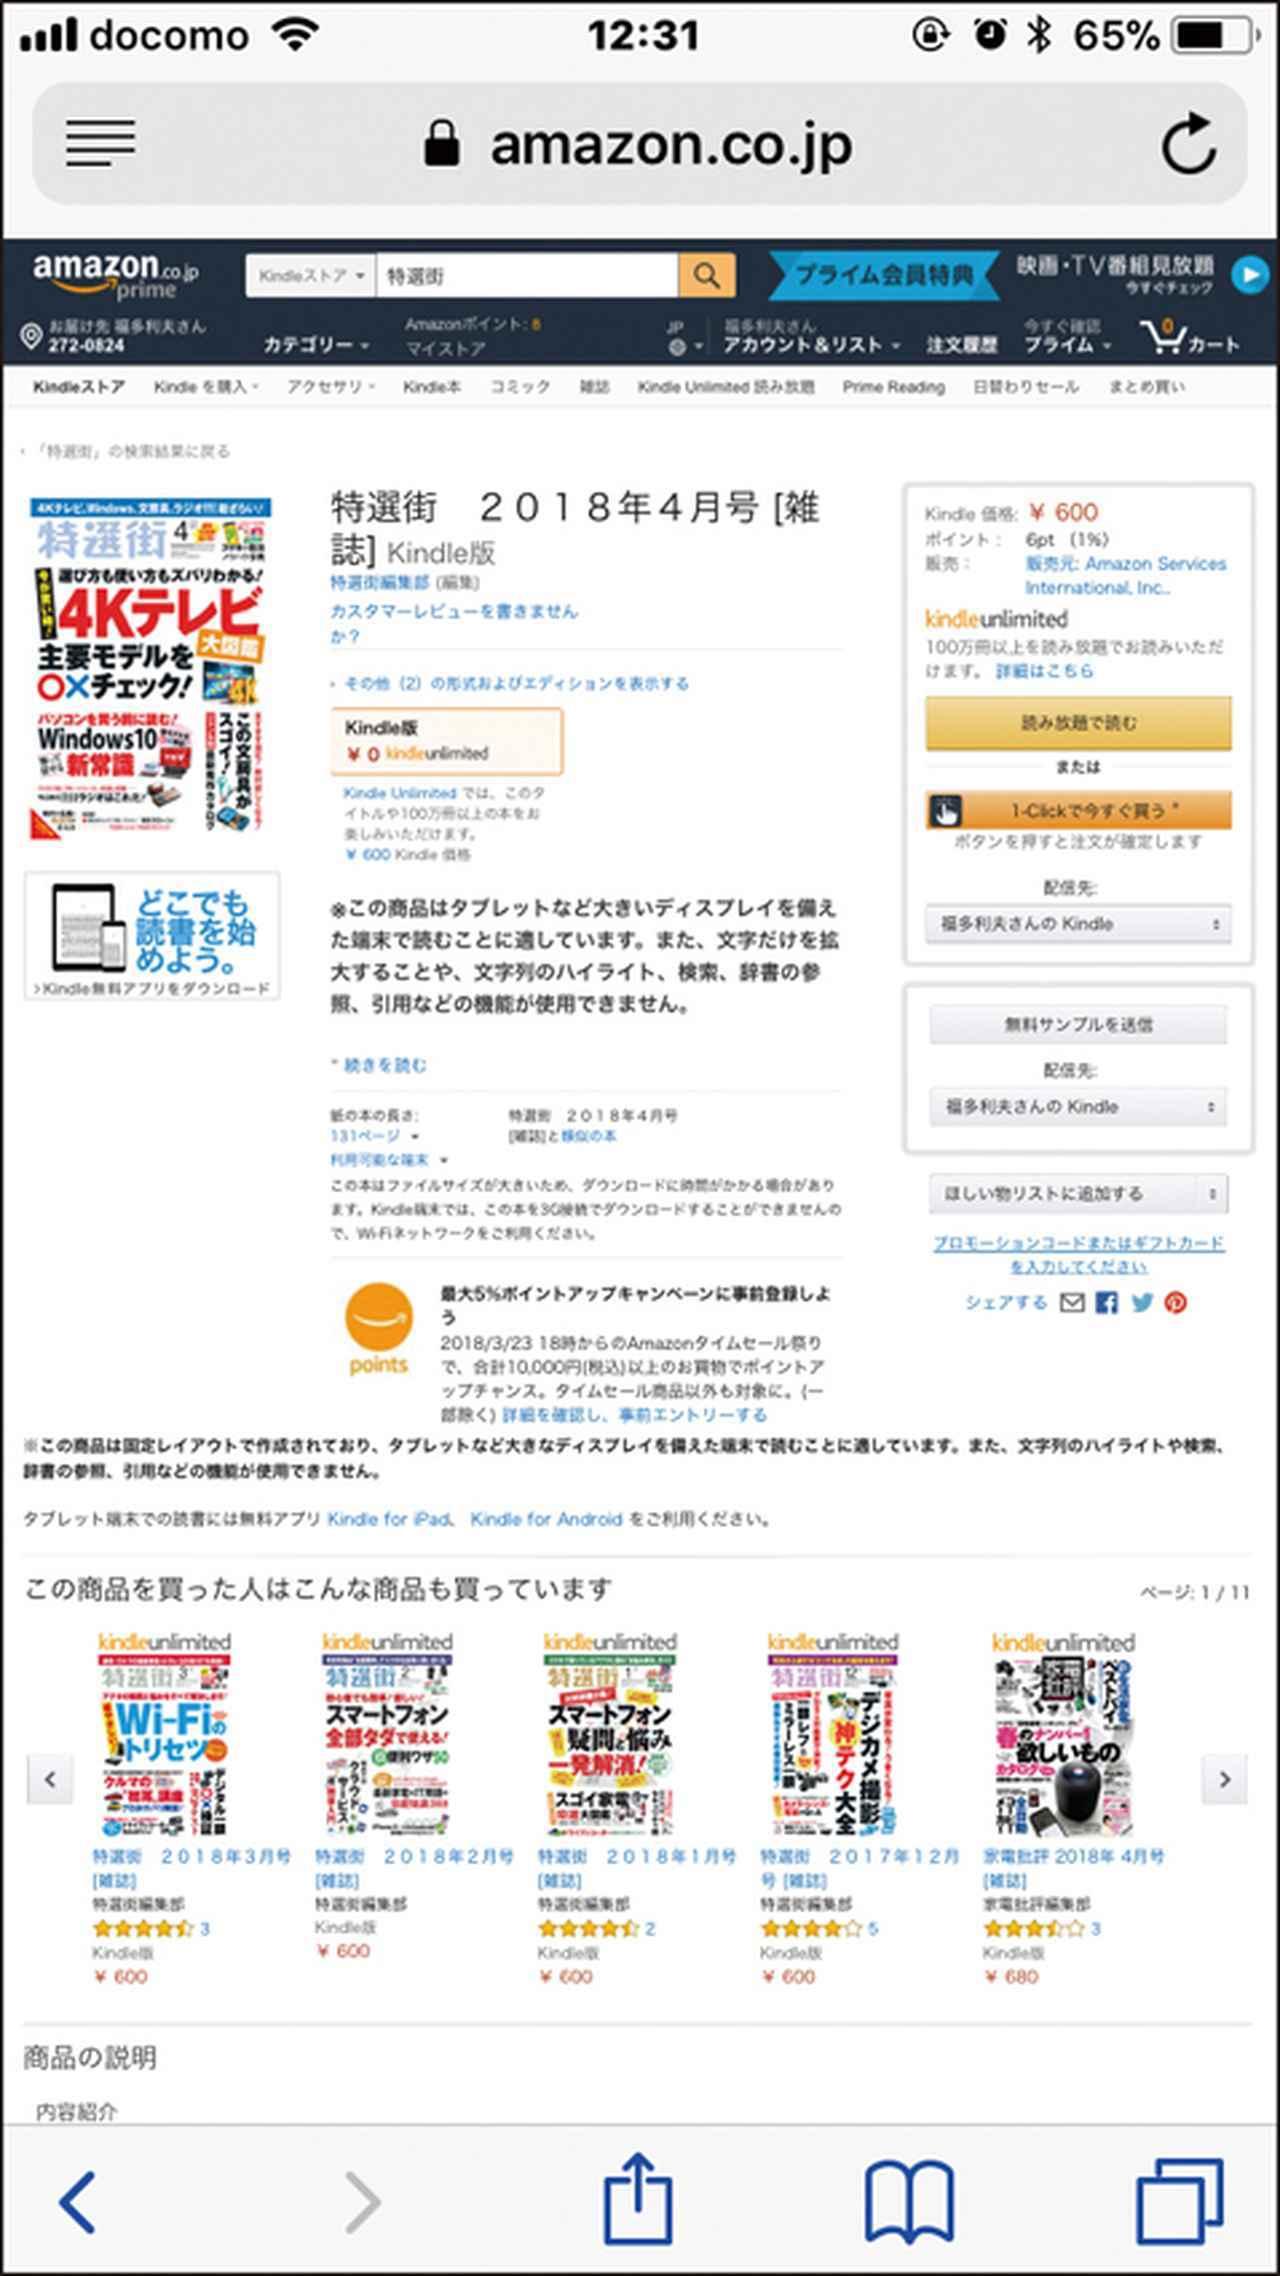 画像: iPhoneは、アプリからの購入は不可。ブラウザーでAmazonのサイトにアクセスし、検索して購入する。